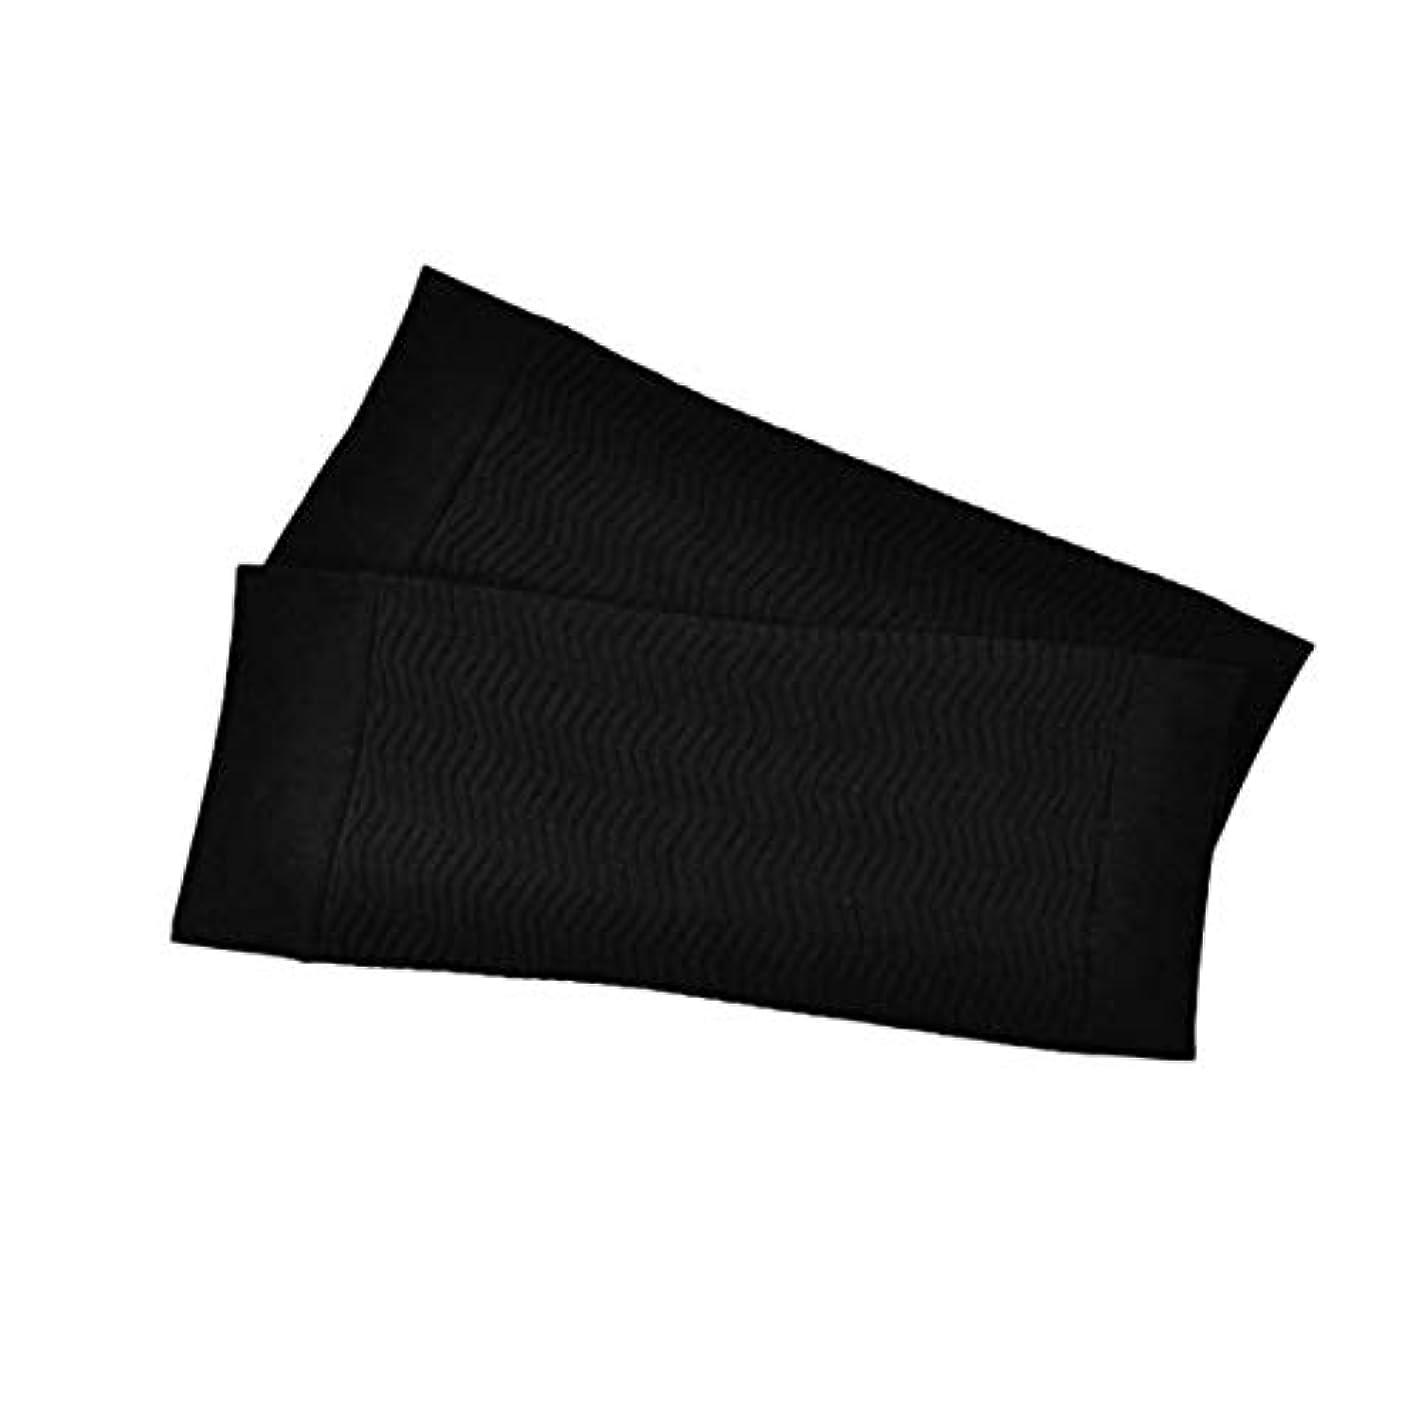 社説ほうき分析1ペア680 D圧縮アームシェイパーワークアウトトーニングバーンセルライトスリミングアームスリーブ脂肪燃焼半袖用女性 - ブラック